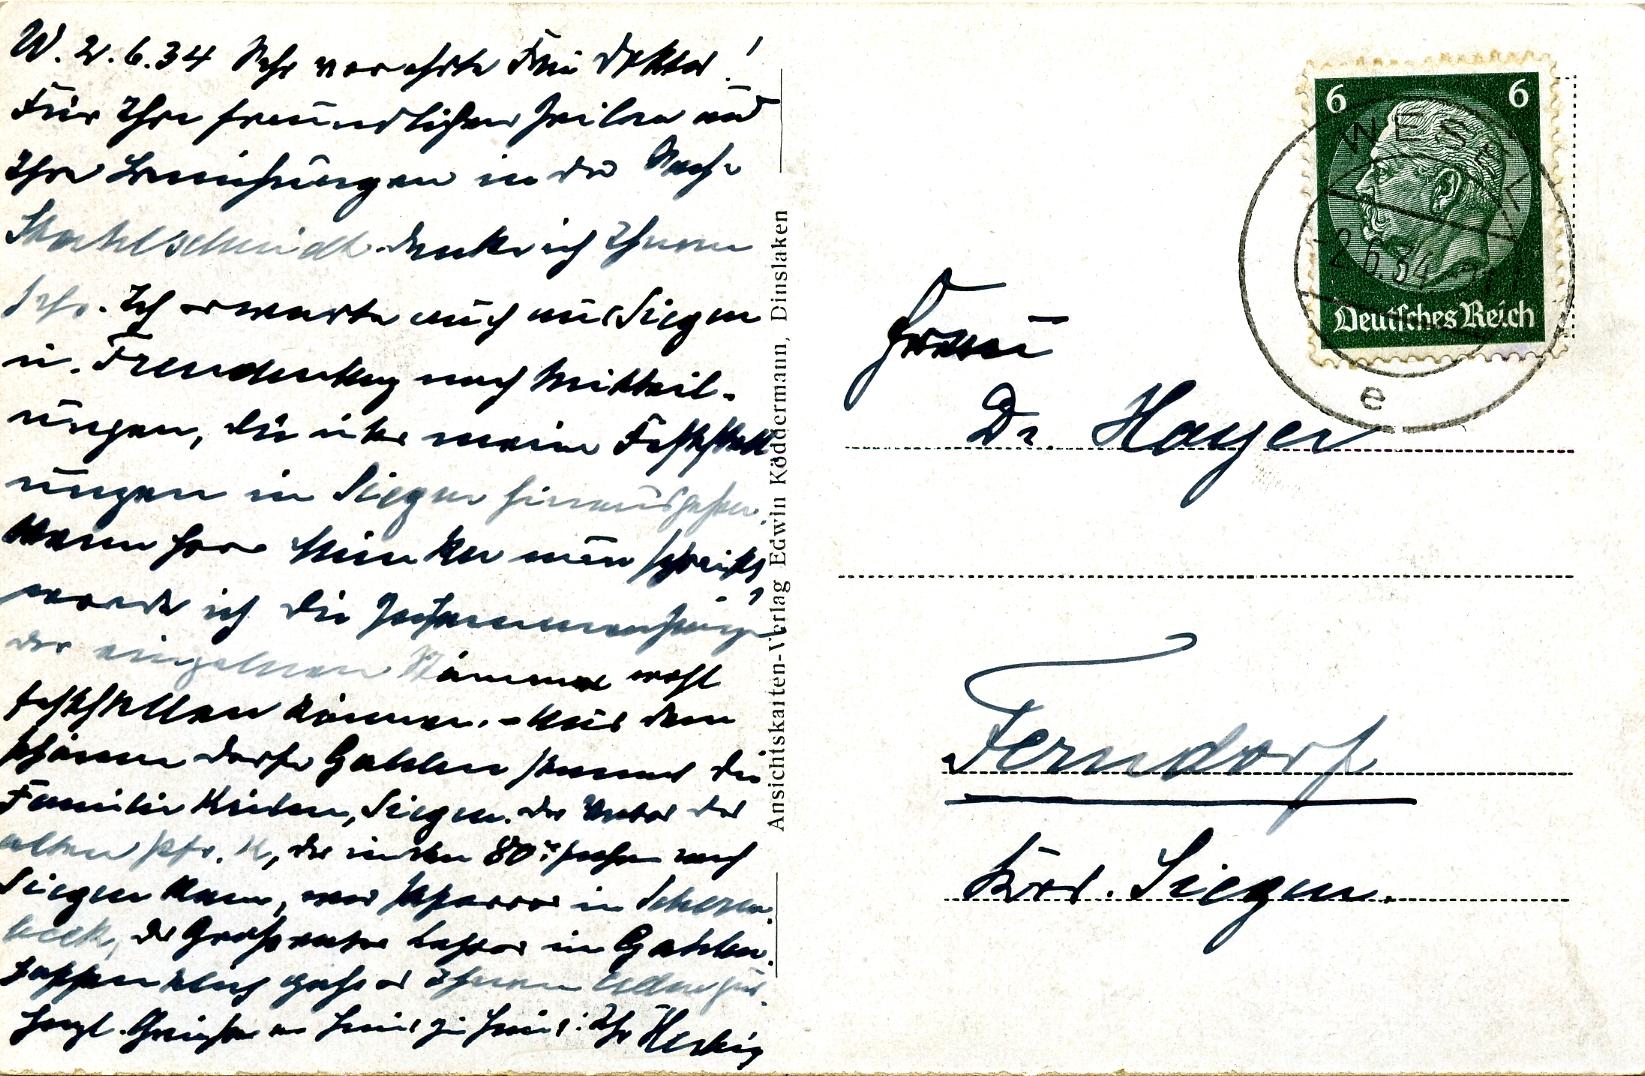 Rückseite der Postkarte Benninghoff u. Kirche von 1935